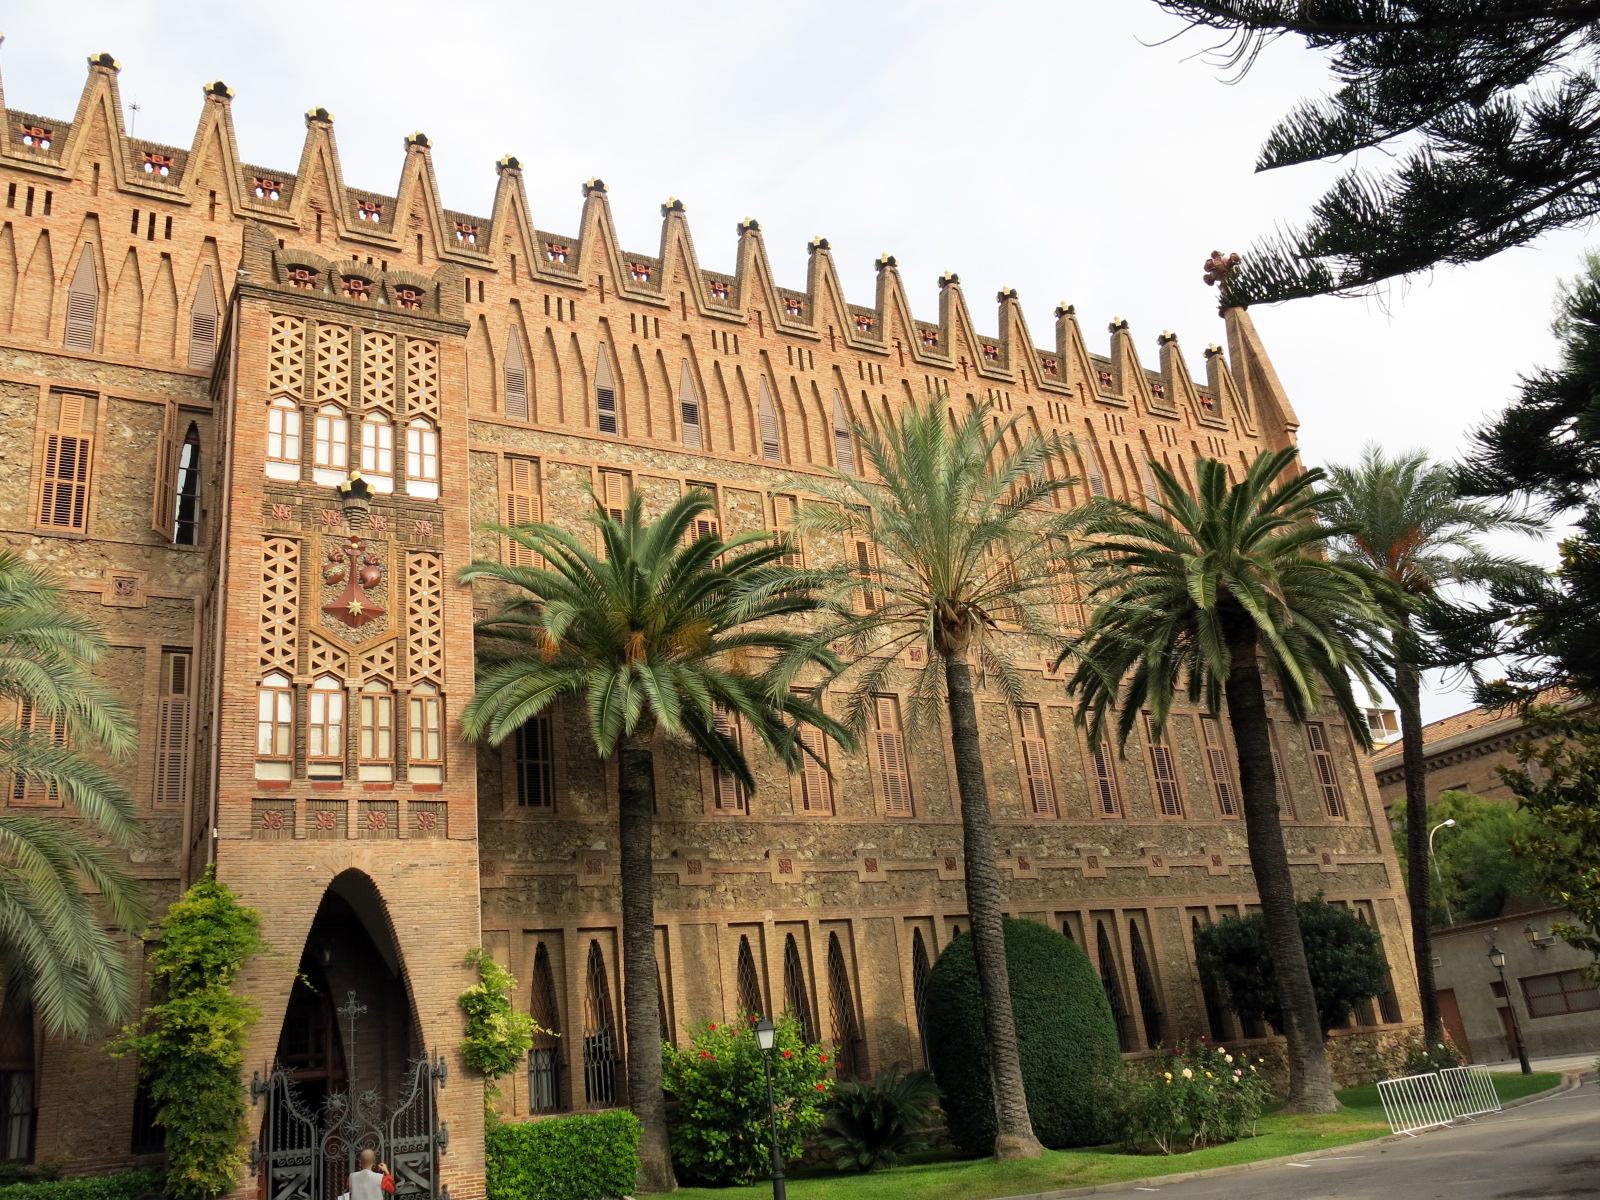 Colegio teresiano de barcelona wikipedia la - Colegio arquitectos barcelona ...